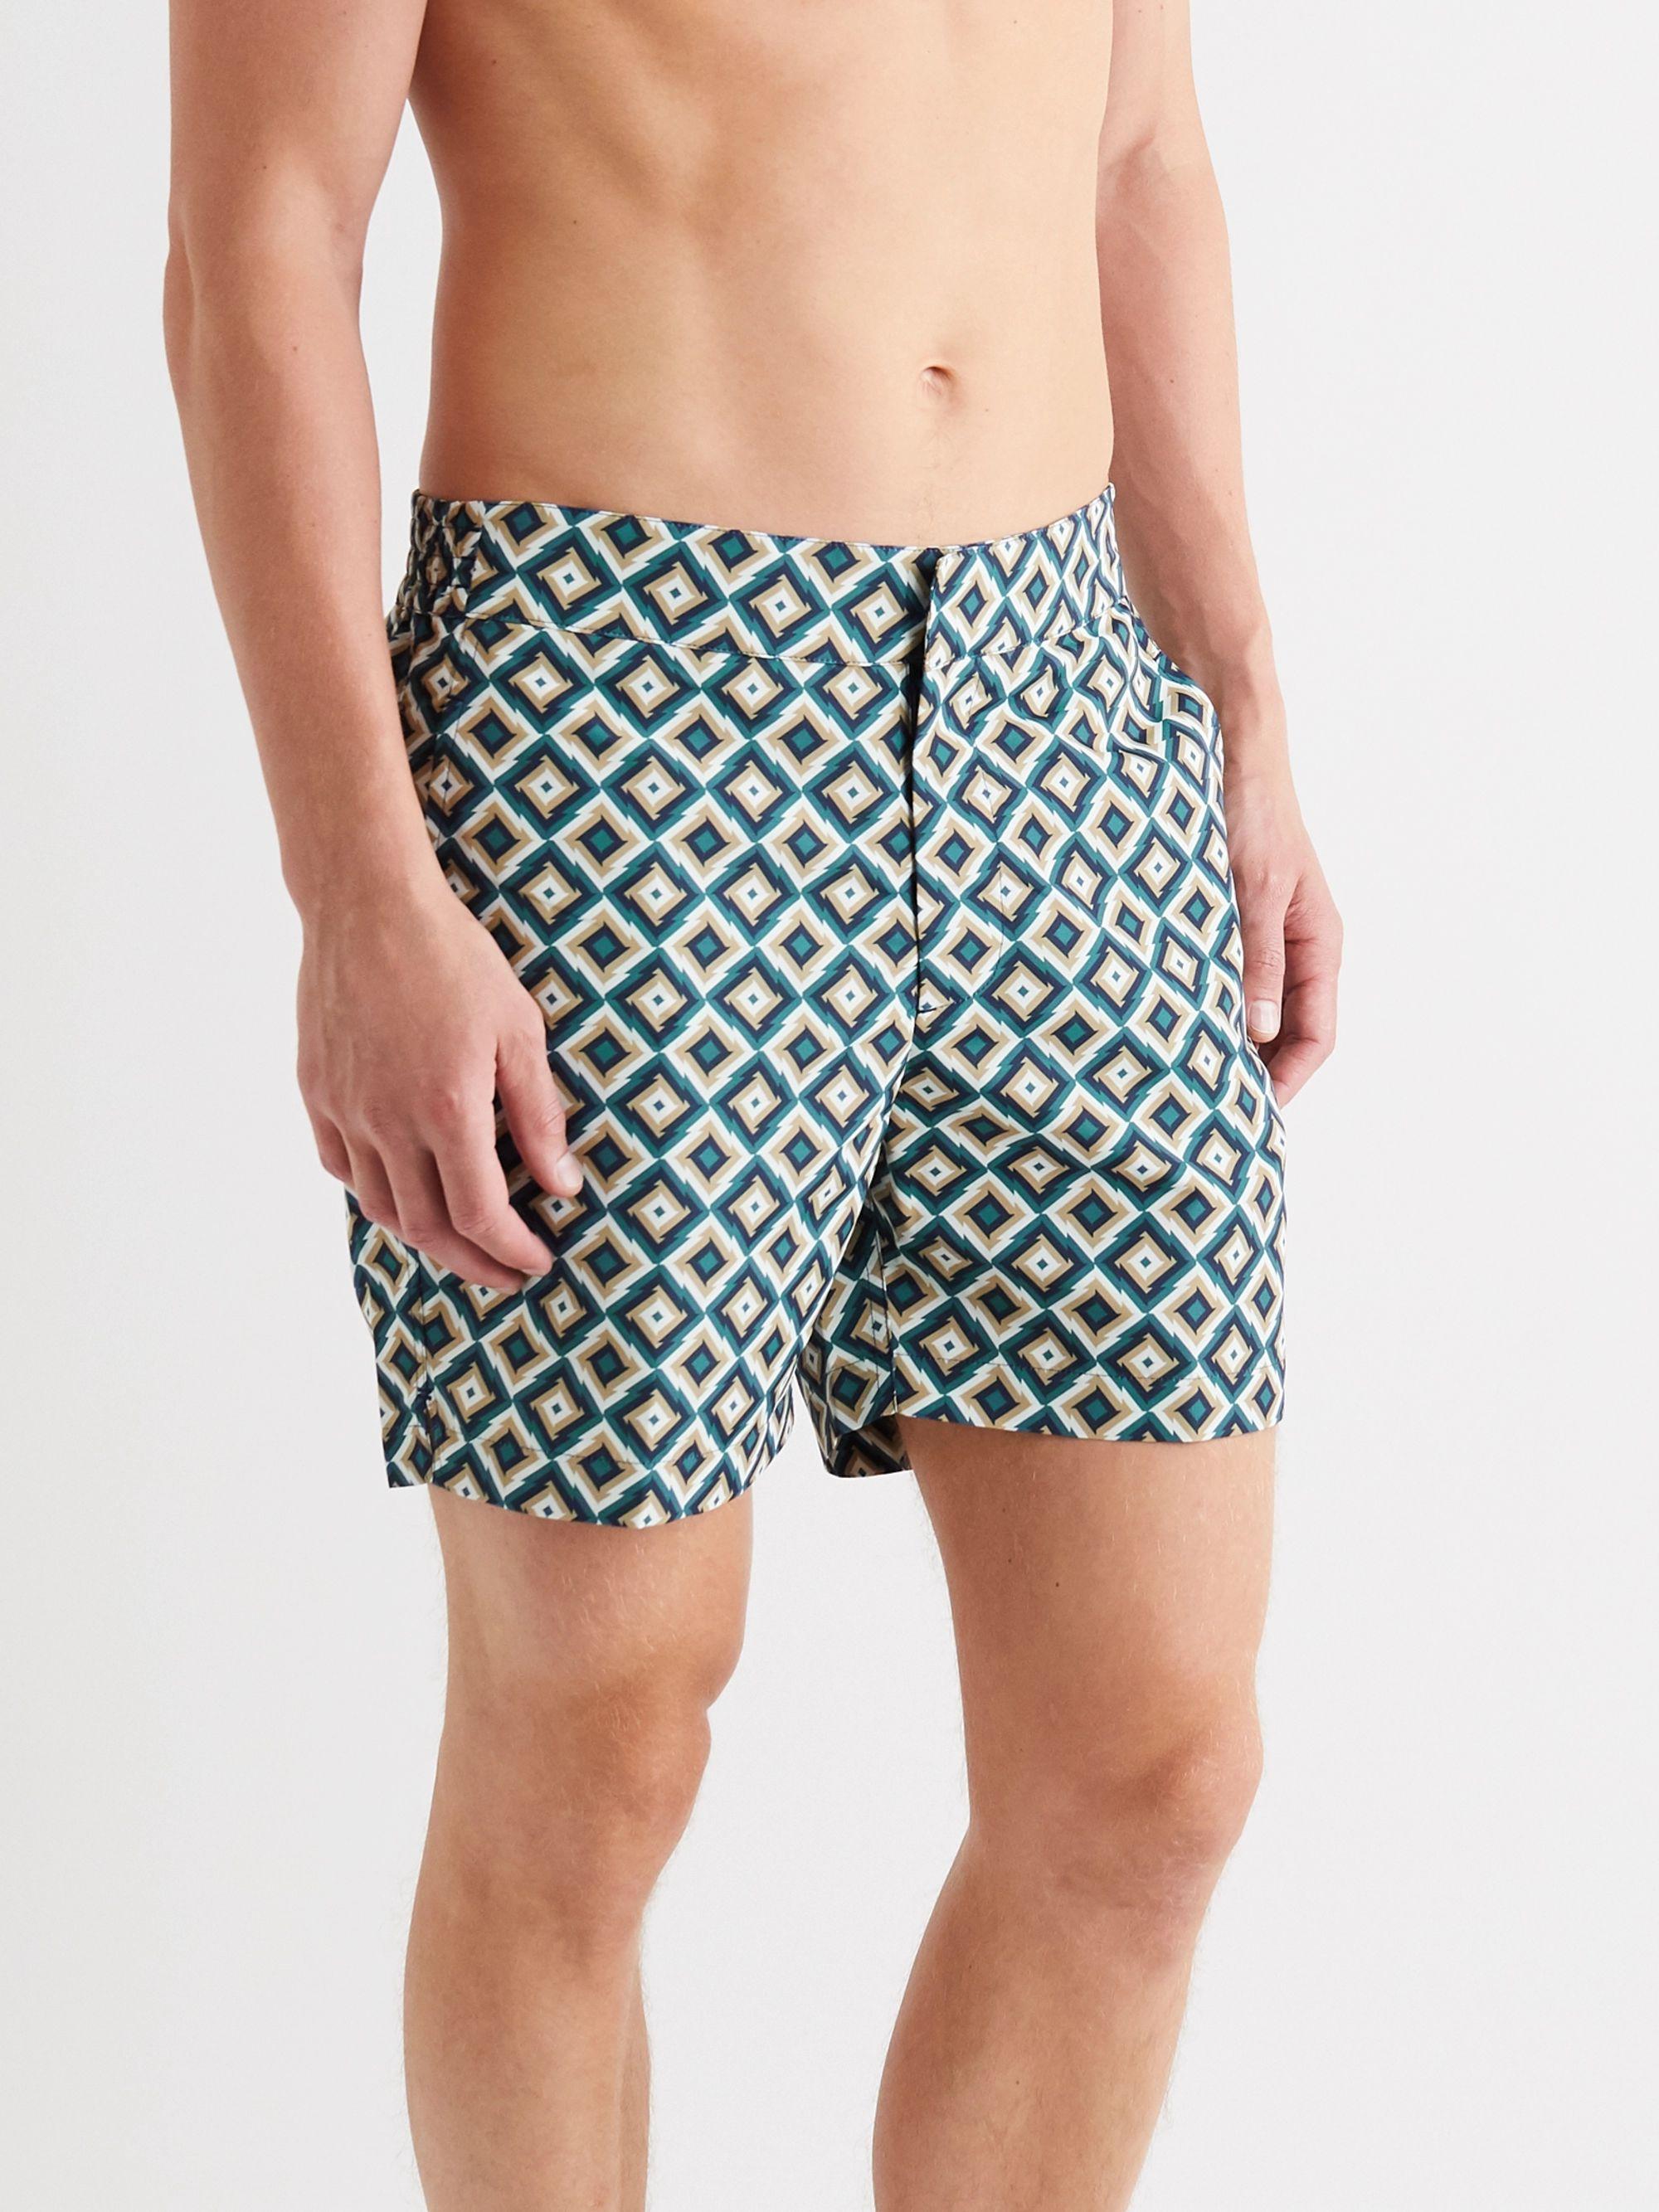 Blue Pangra Short-length Printed Swim Shorts | Frescobol Carioca